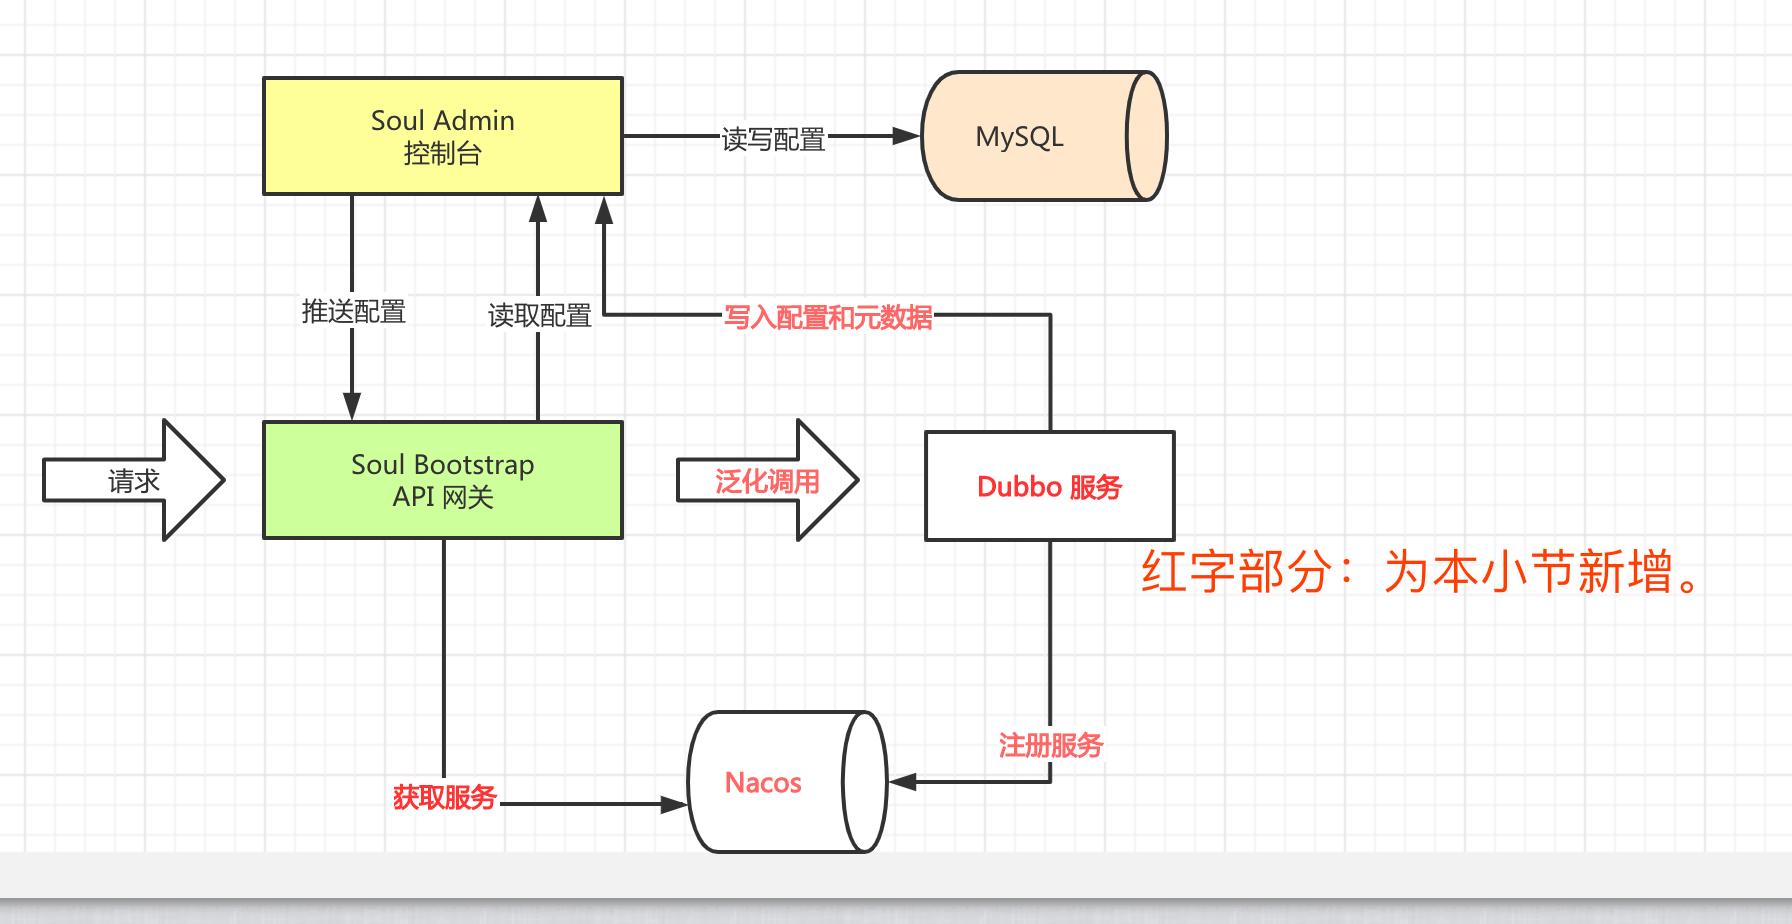 示例的整体架构